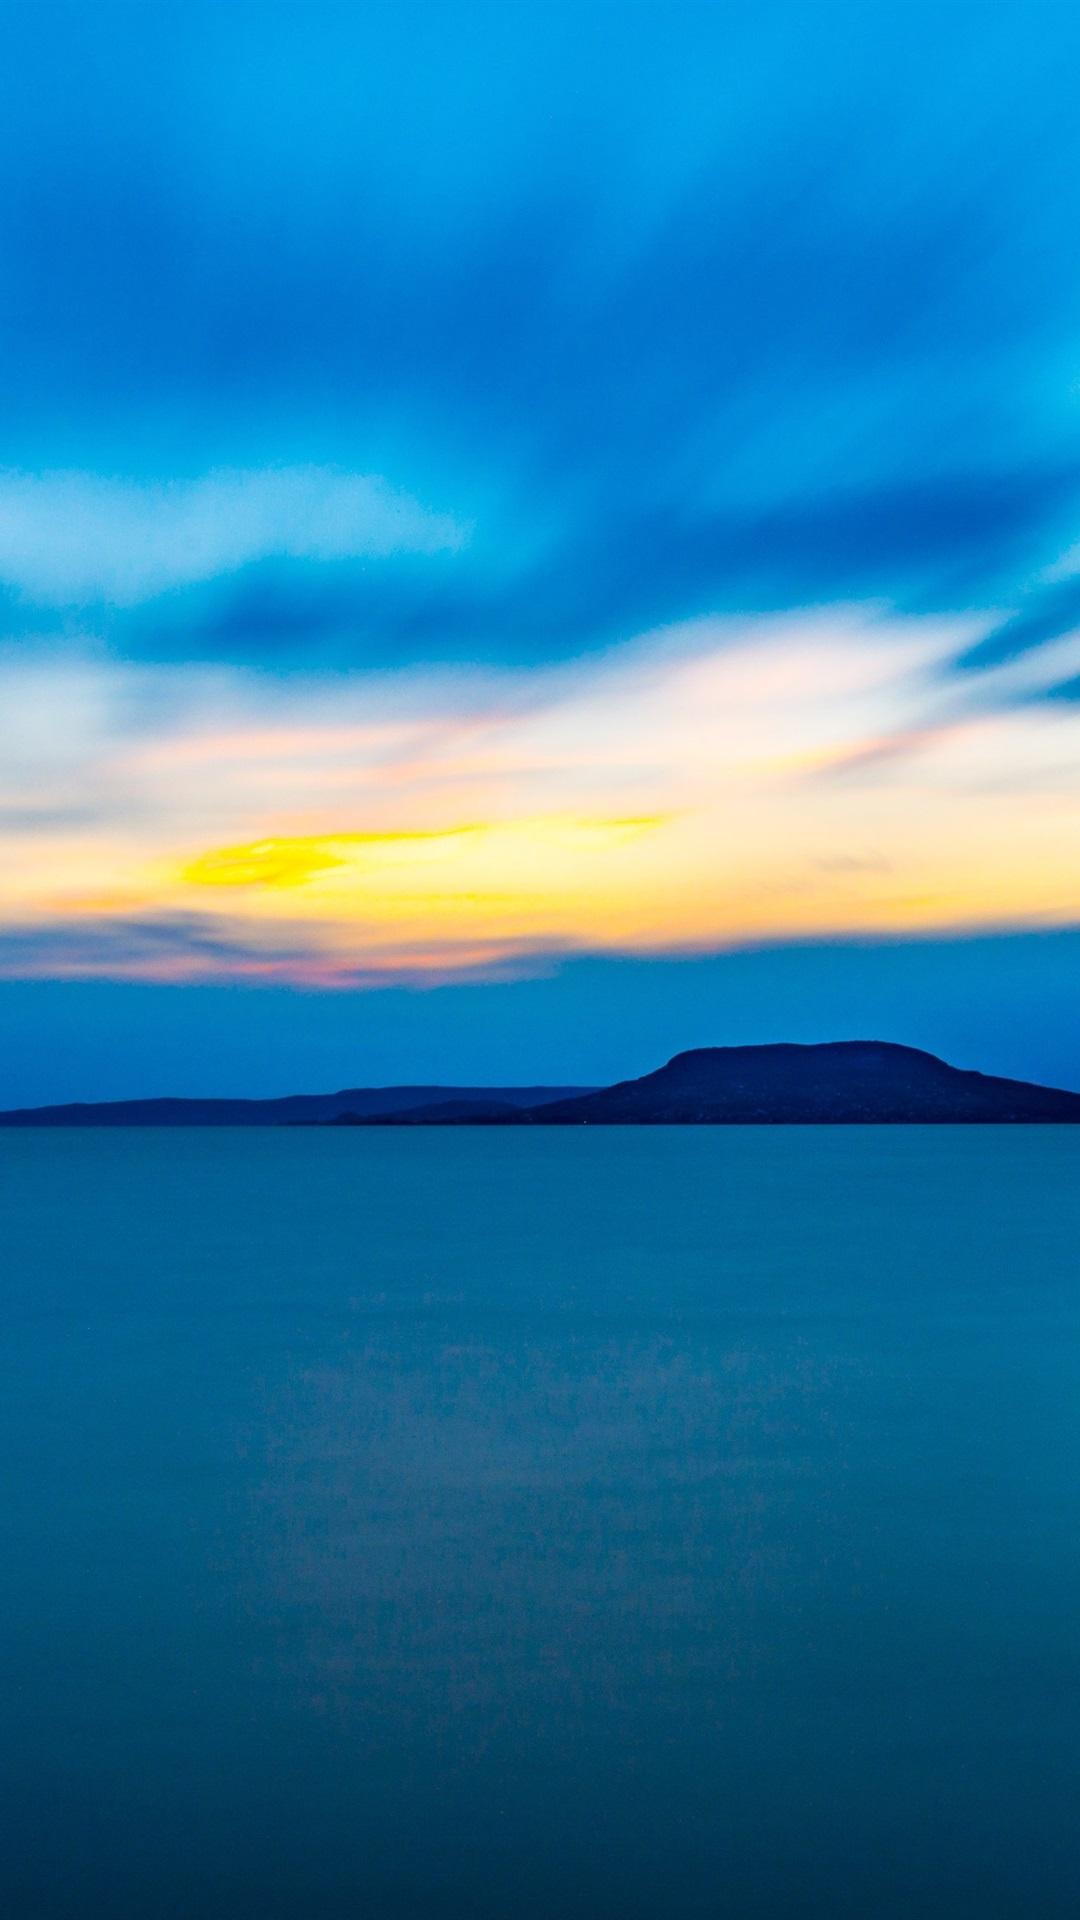 夜 海 山 青い夕暮れ 1080x19 Iphone 8 7 6 6s Plus 壁紙 背景 画像